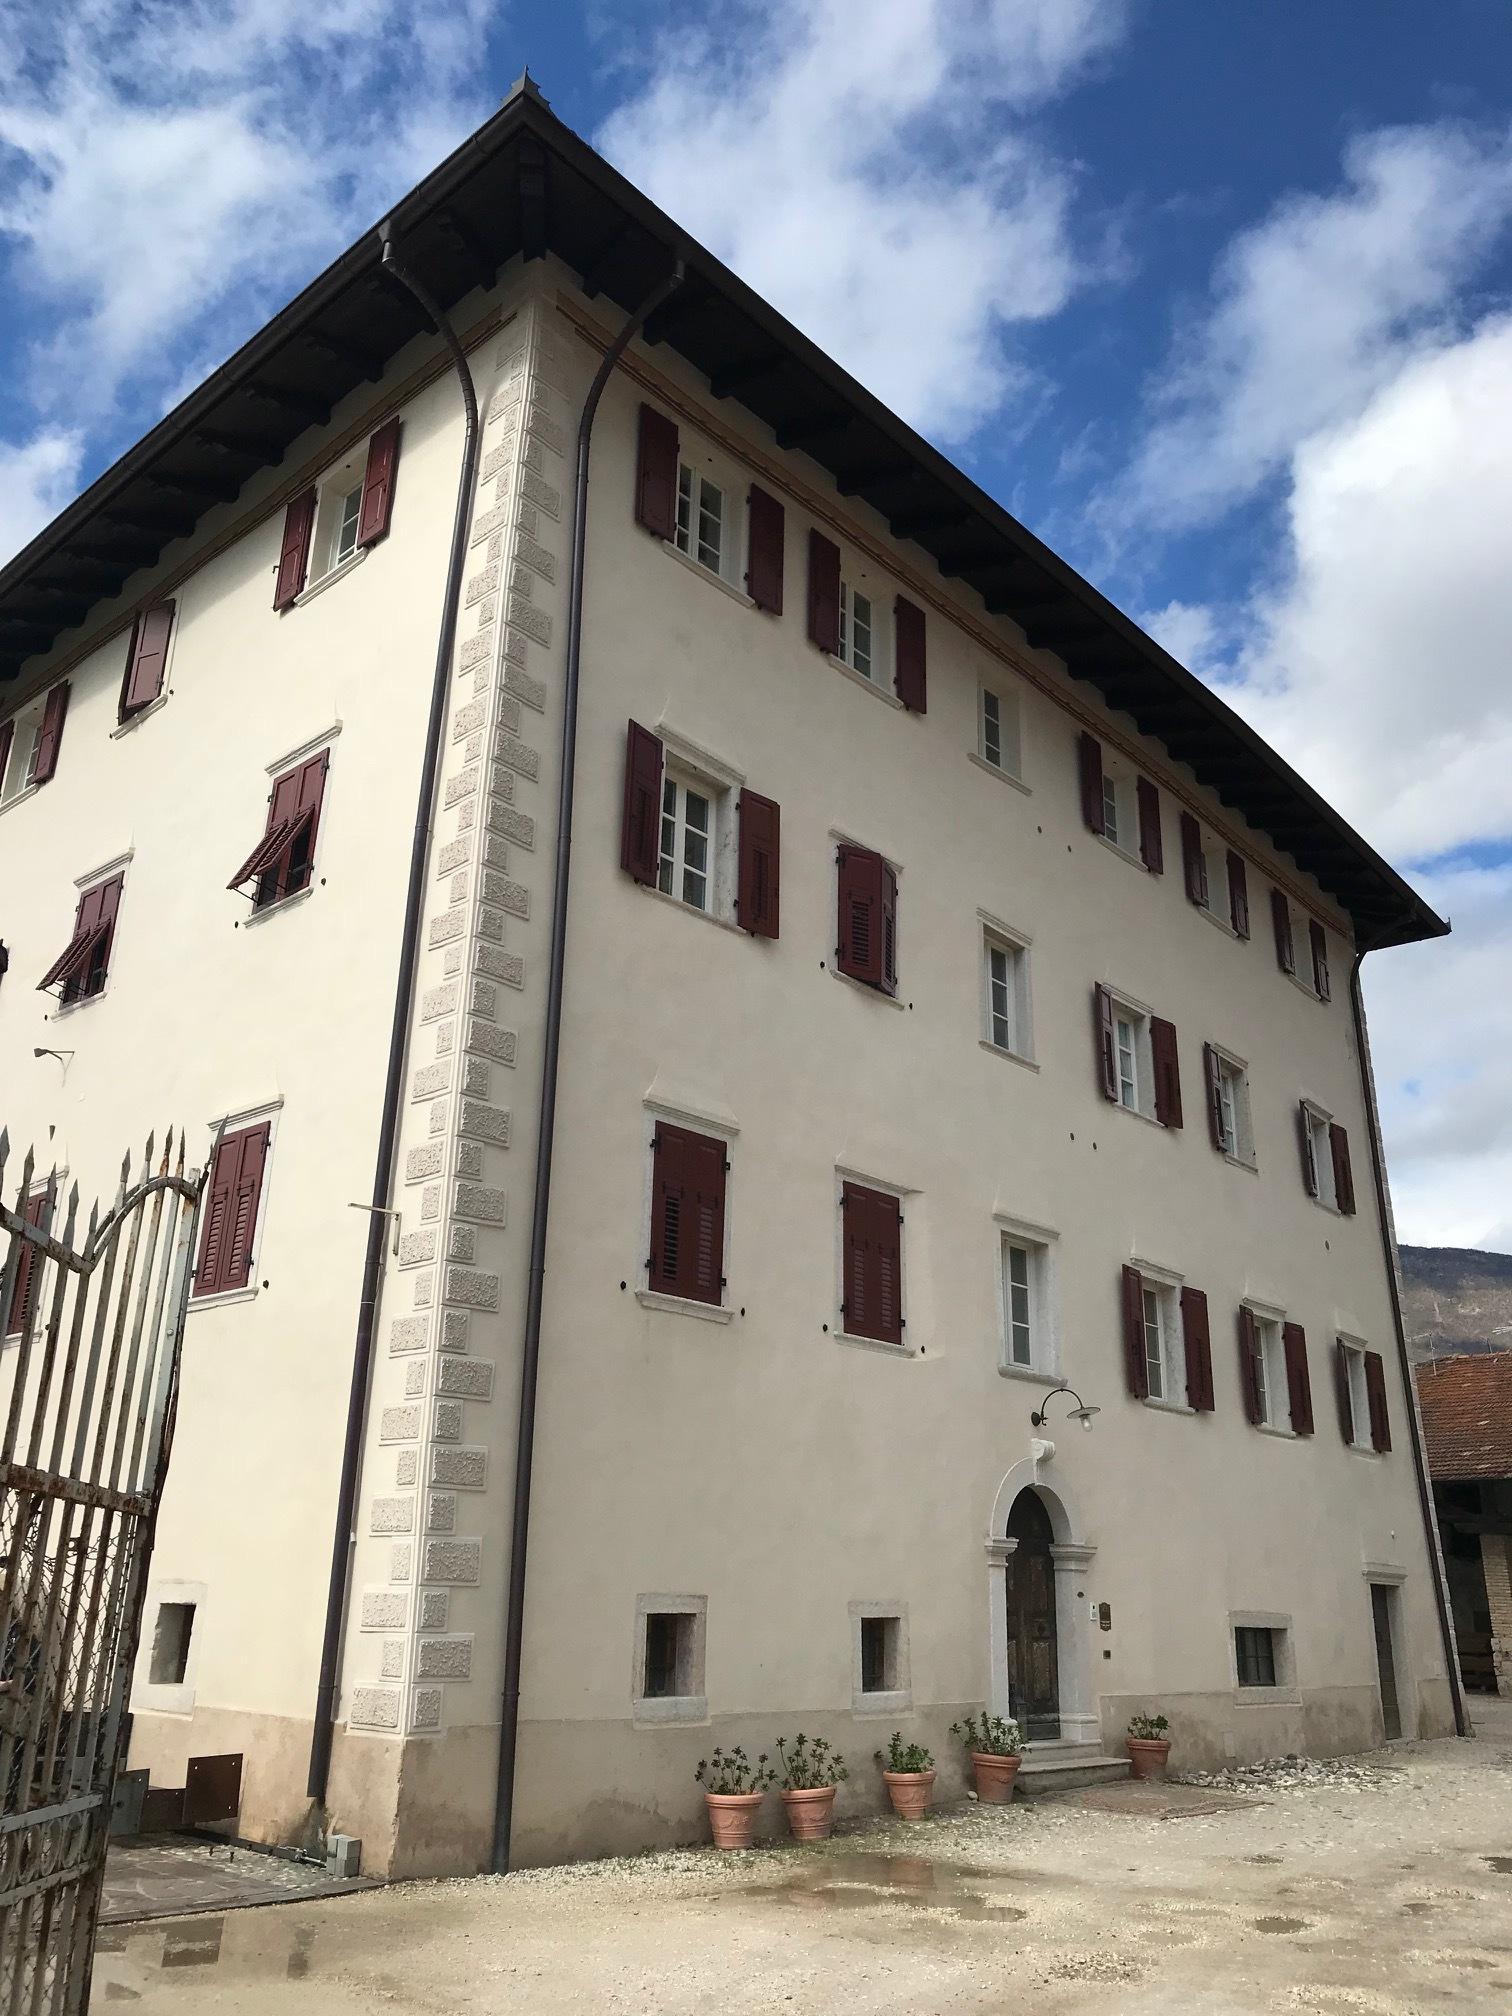 Ulzbach12.jpg